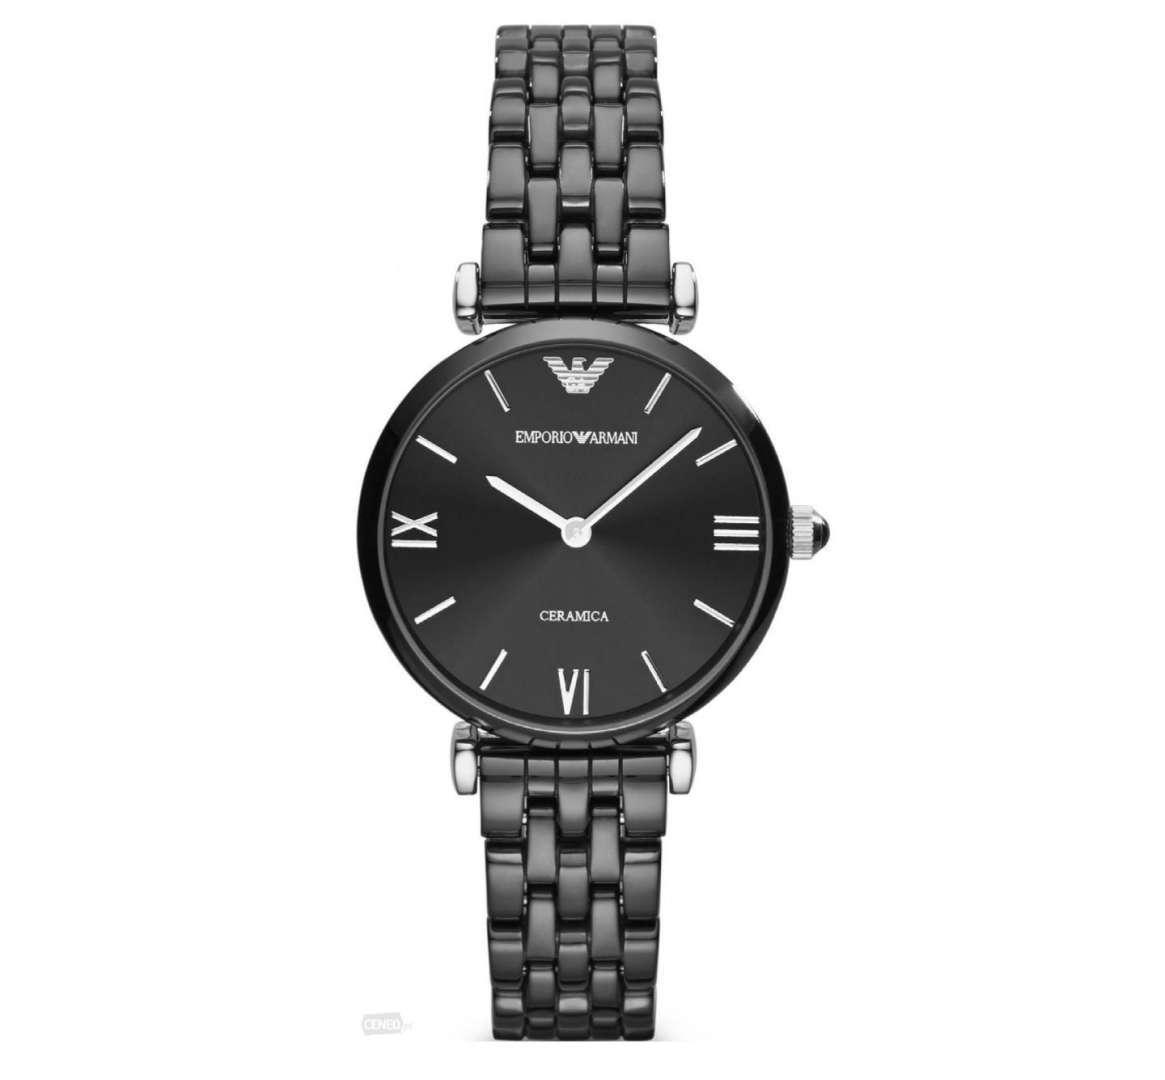 שעון יד אנלוגי לאישה emporio armani ar1487 אמפוריו ארמני